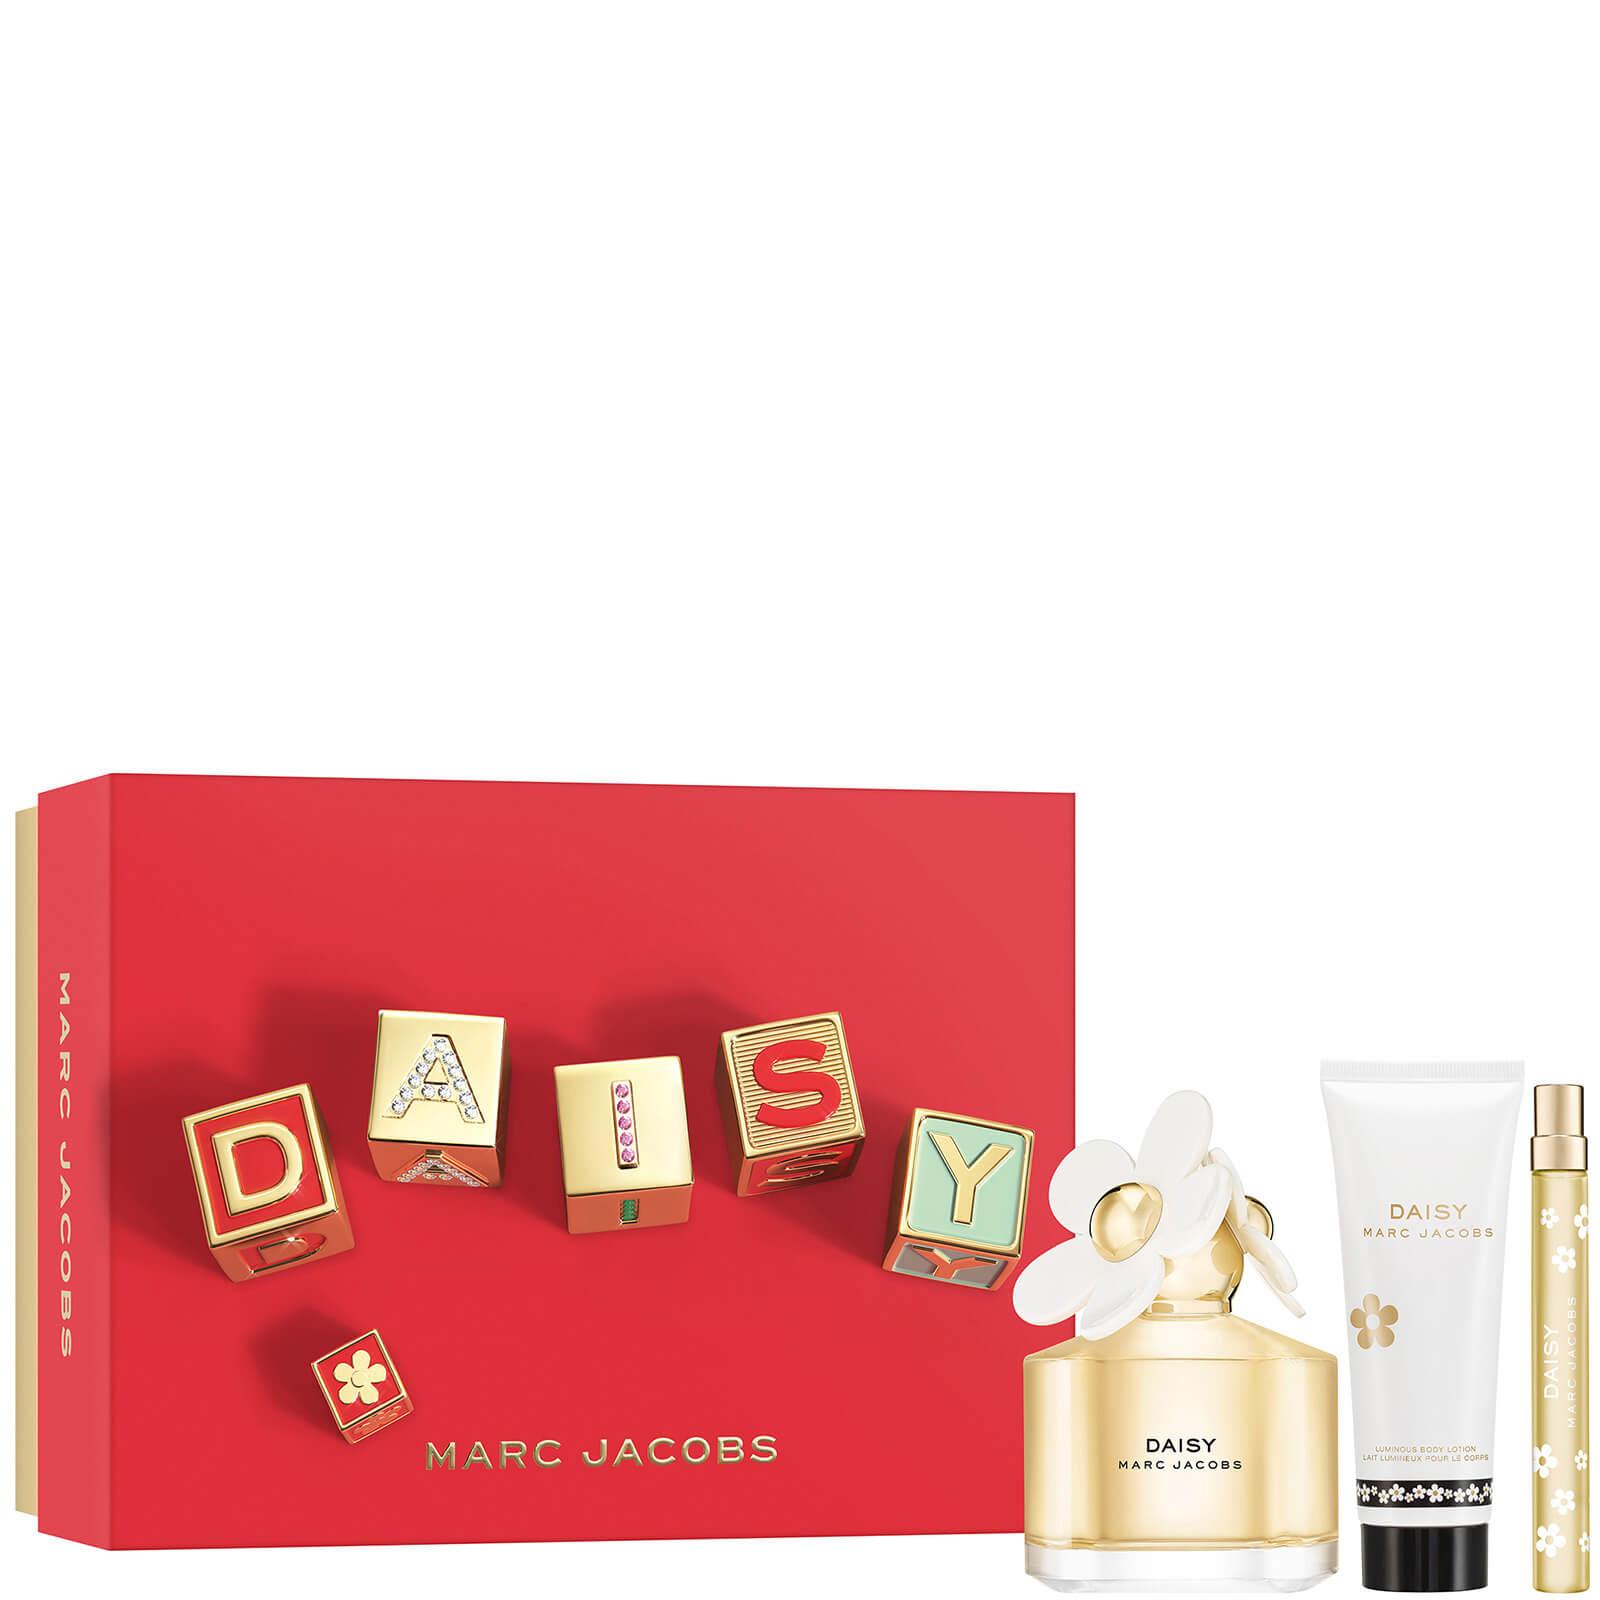 Купить Marc Jacobs Daisy Eau de Toilette 100ml Gift Set